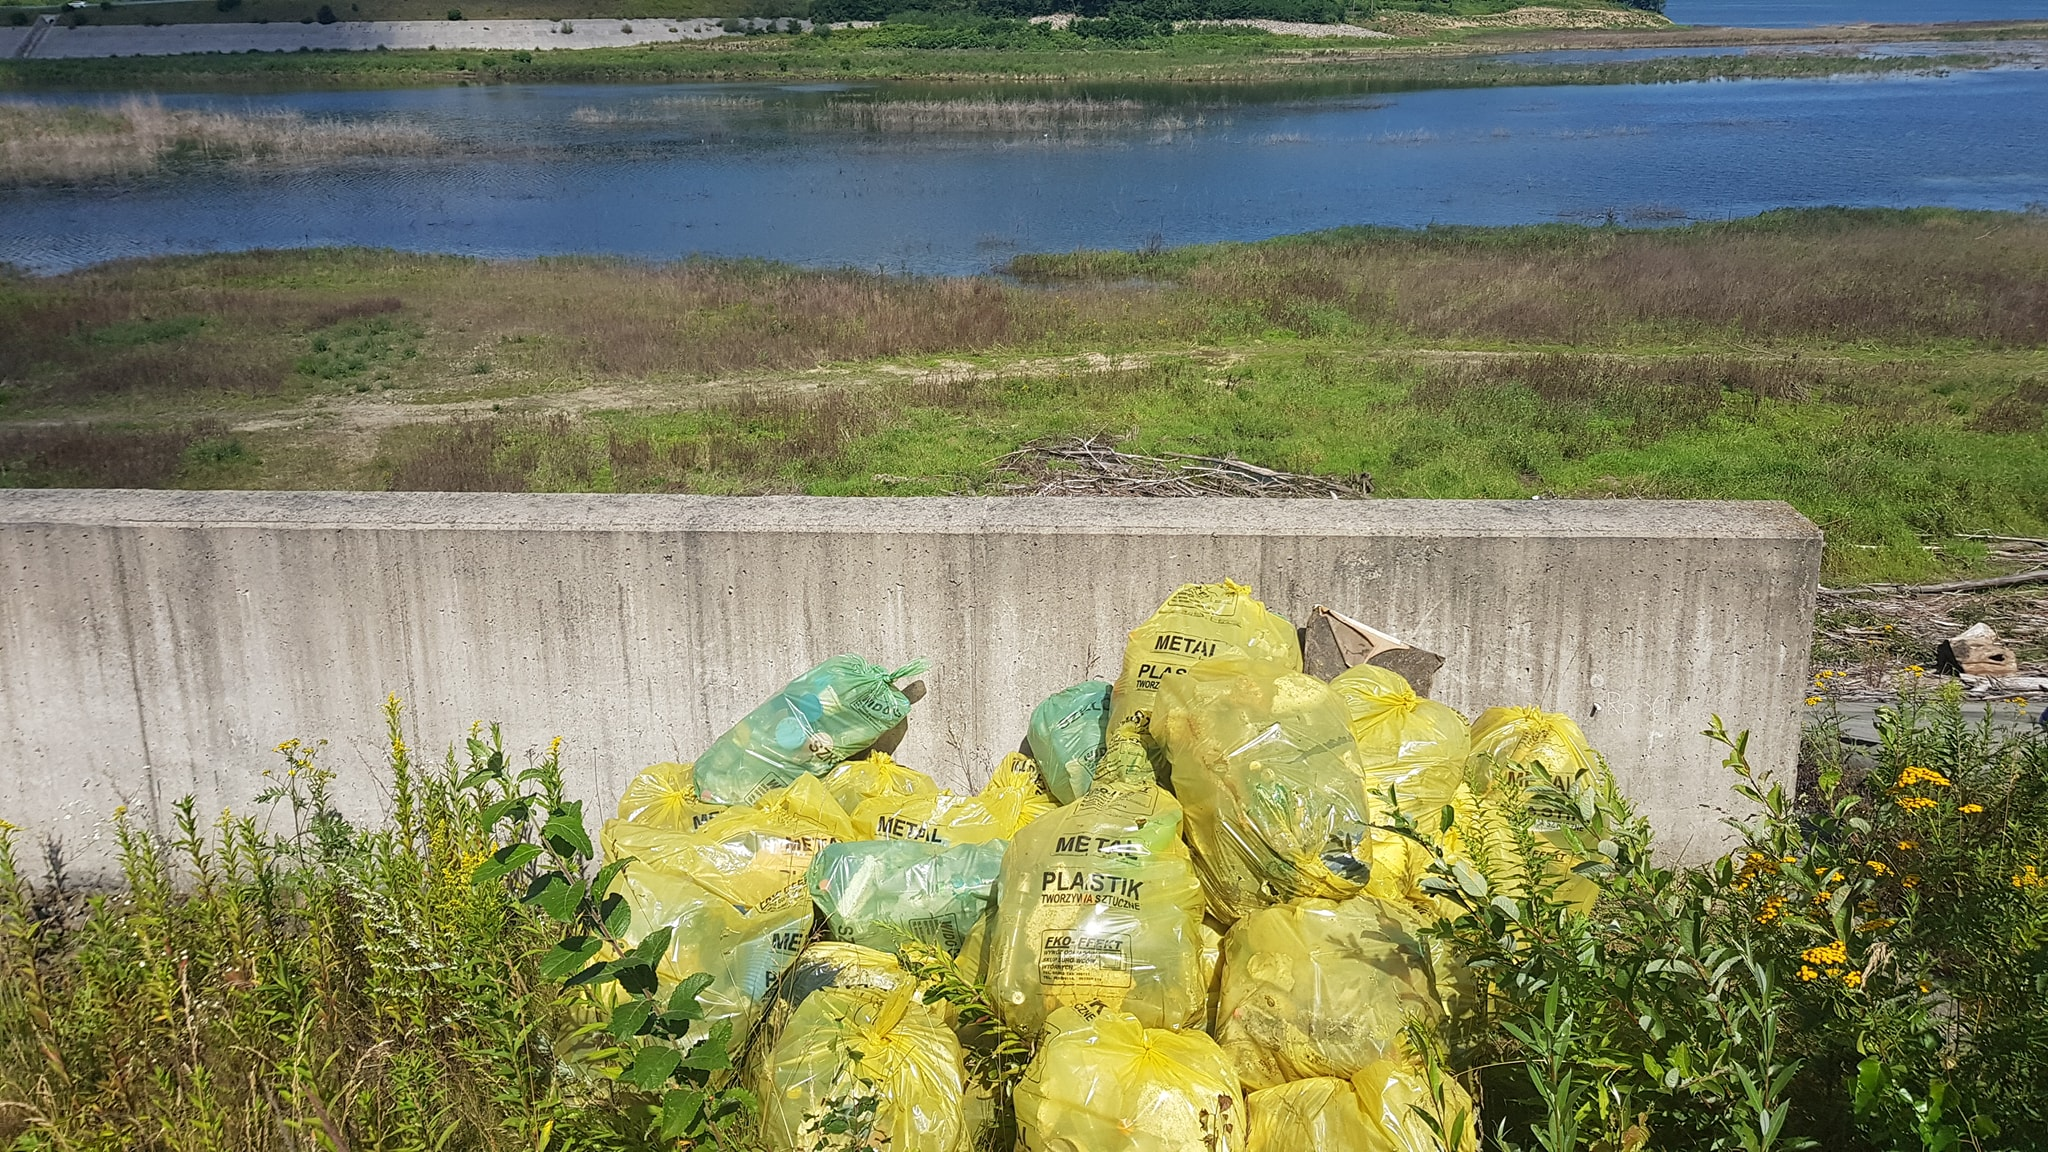 Jest ulga za wywóz śmieci w Bielsku-Białej. Kto zapłaci mniej?